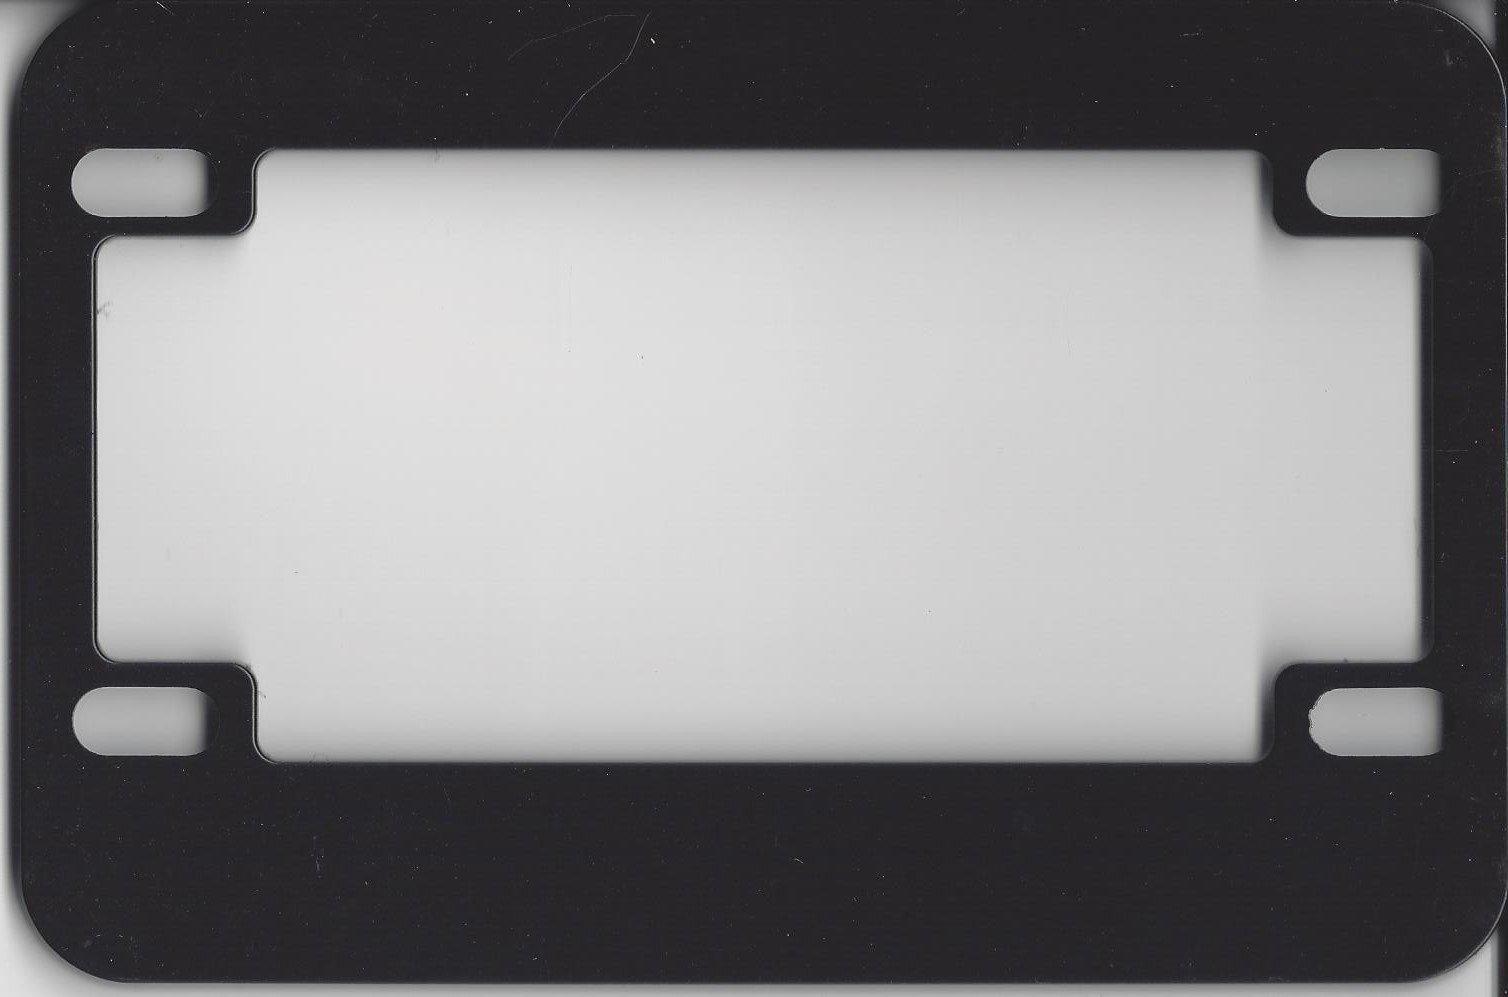 Motorcycle License Plate Frame (Blank Black Metal)